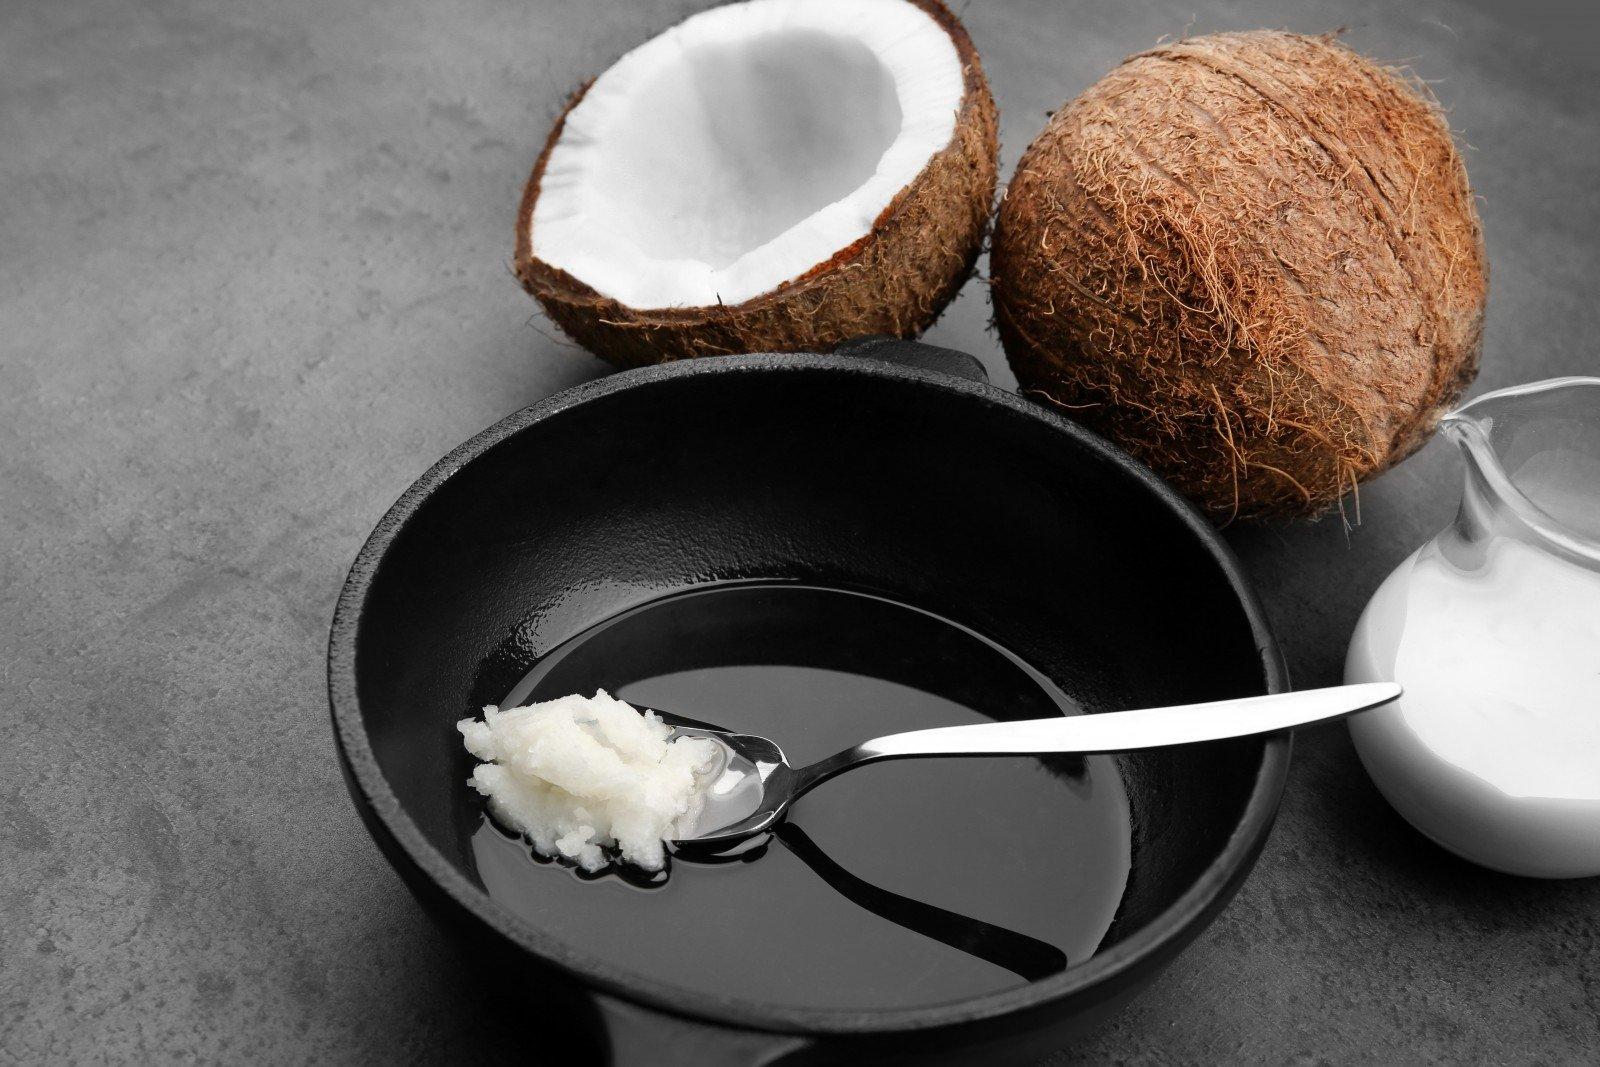 kokosų aliejaus nauda širdies sveikatai)